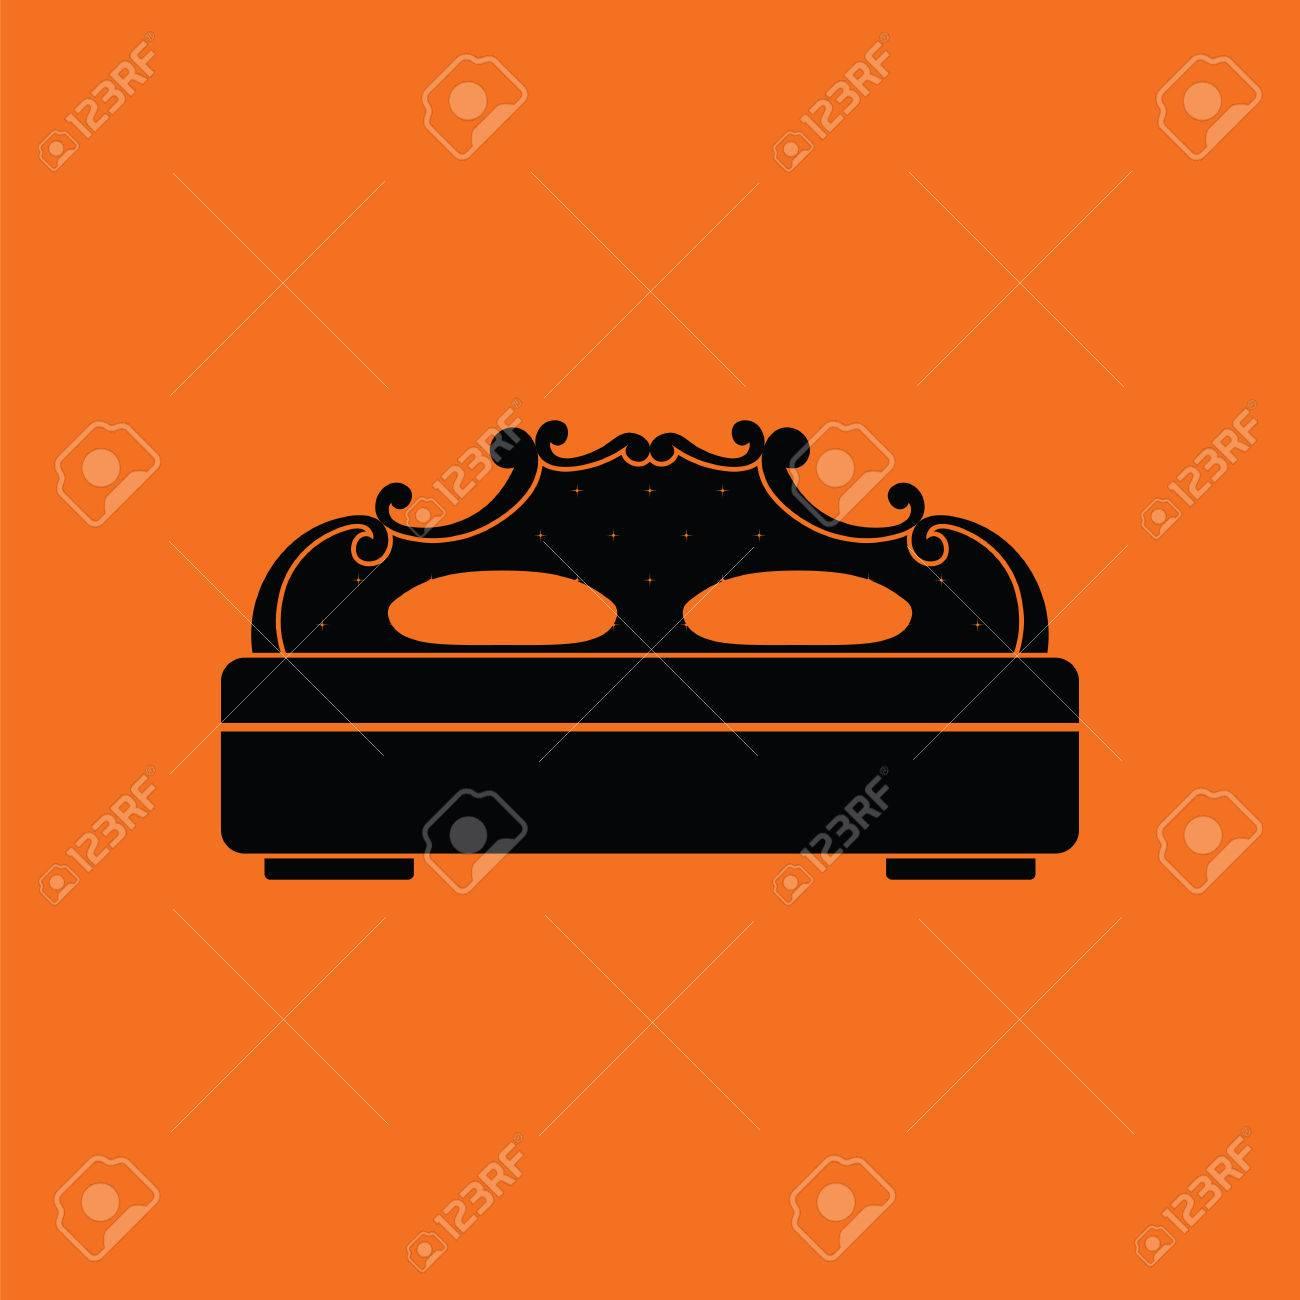 Icono De Cama King-size. Fondo Naranja Con Negro. Ilustración ...